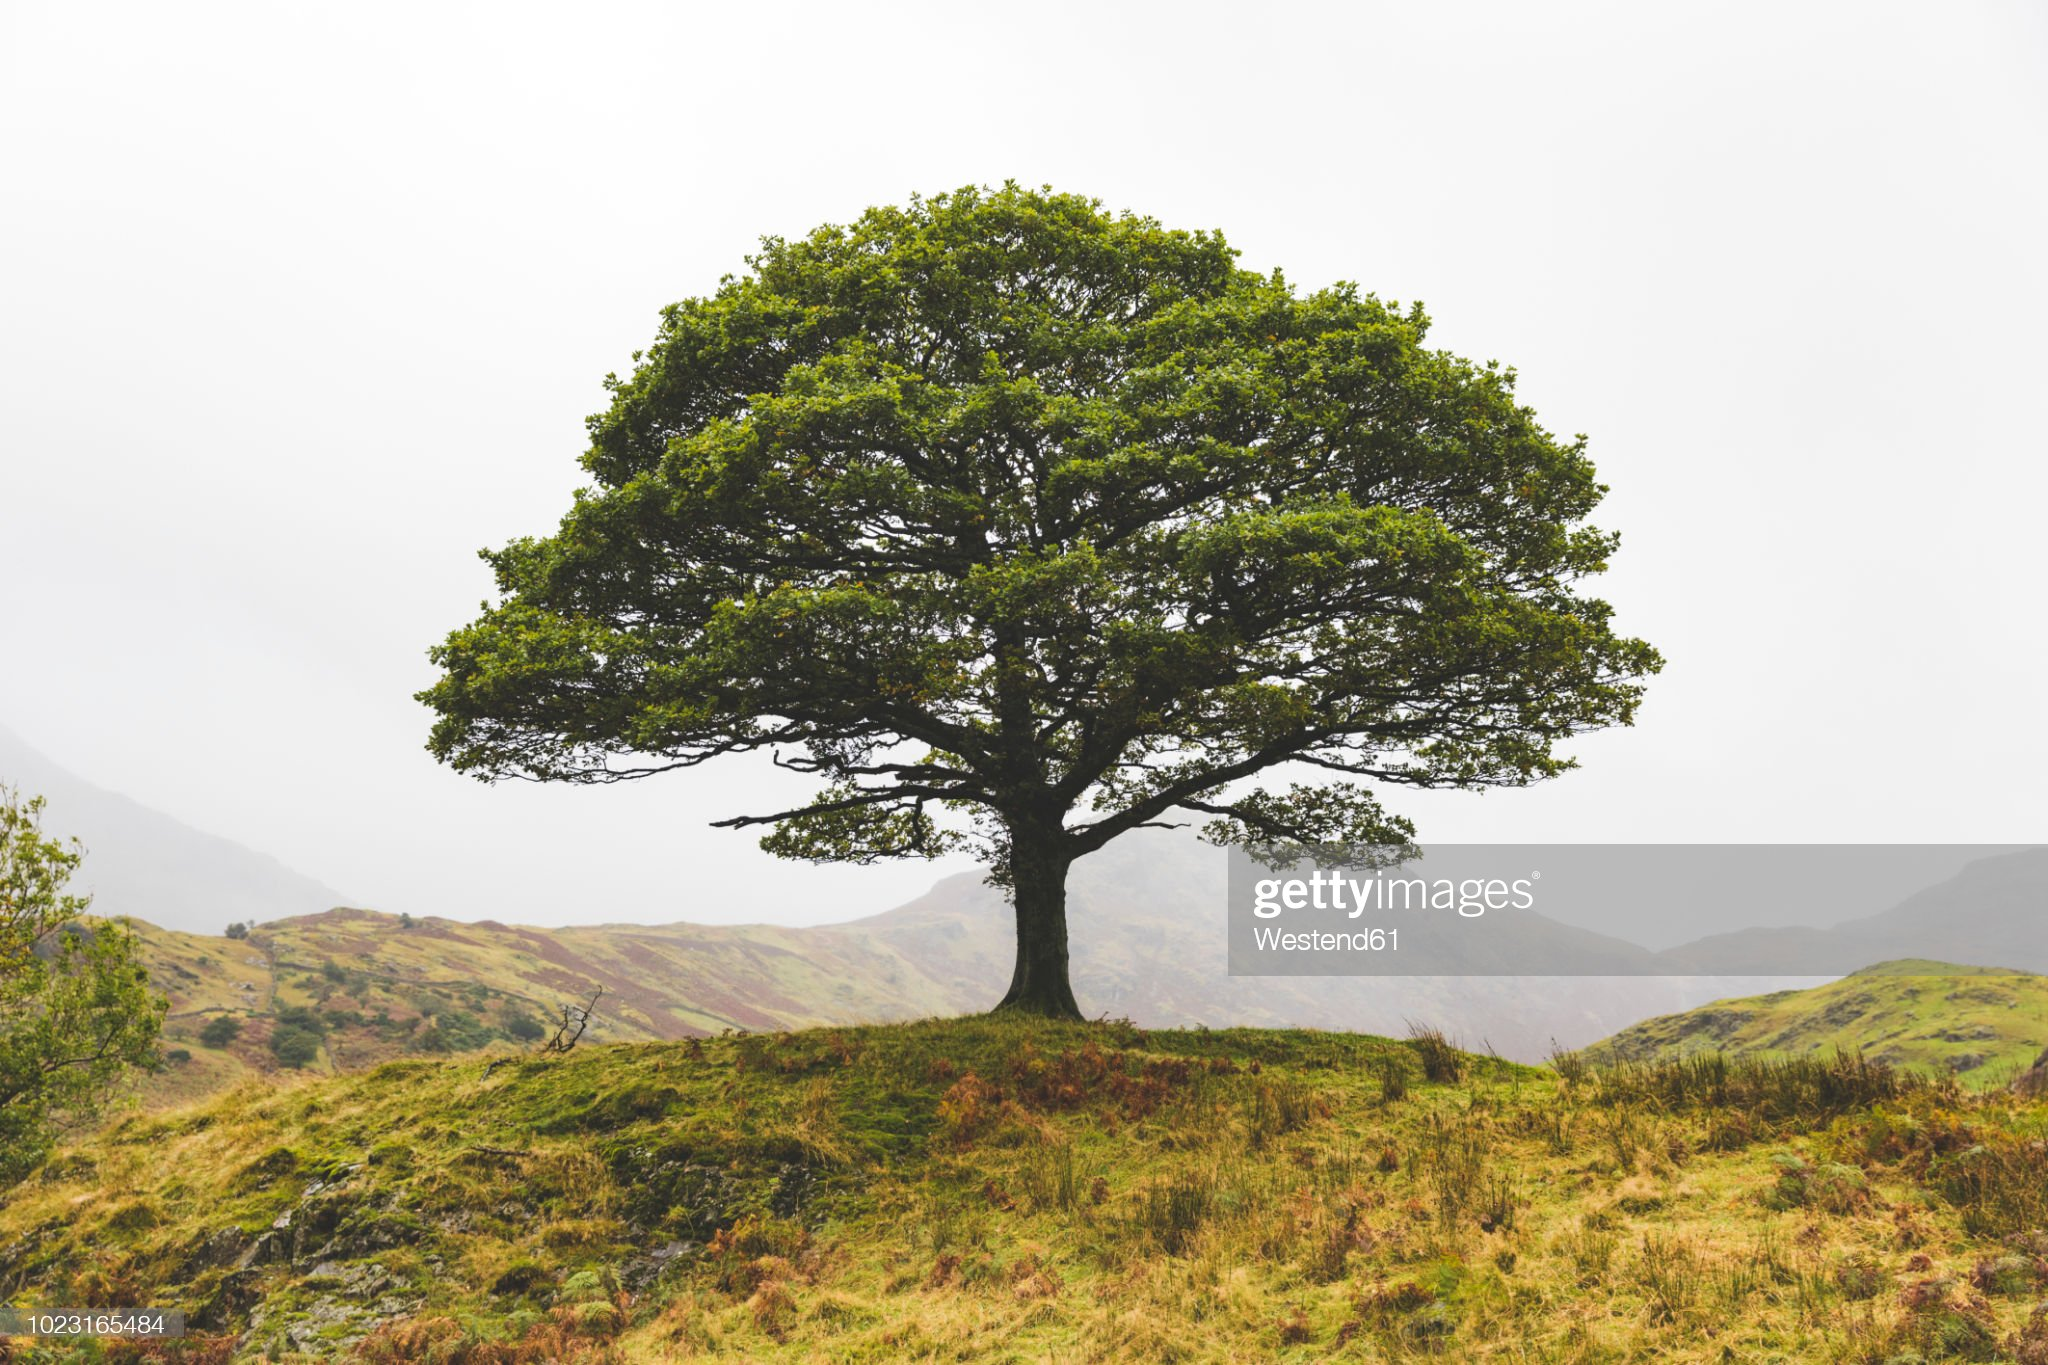 Je ne fais que passer. - Page 2 United-kingdom-england-cumbria-lake-district-lone-tree-in-the-picture-id1023165484?s=2048x2048